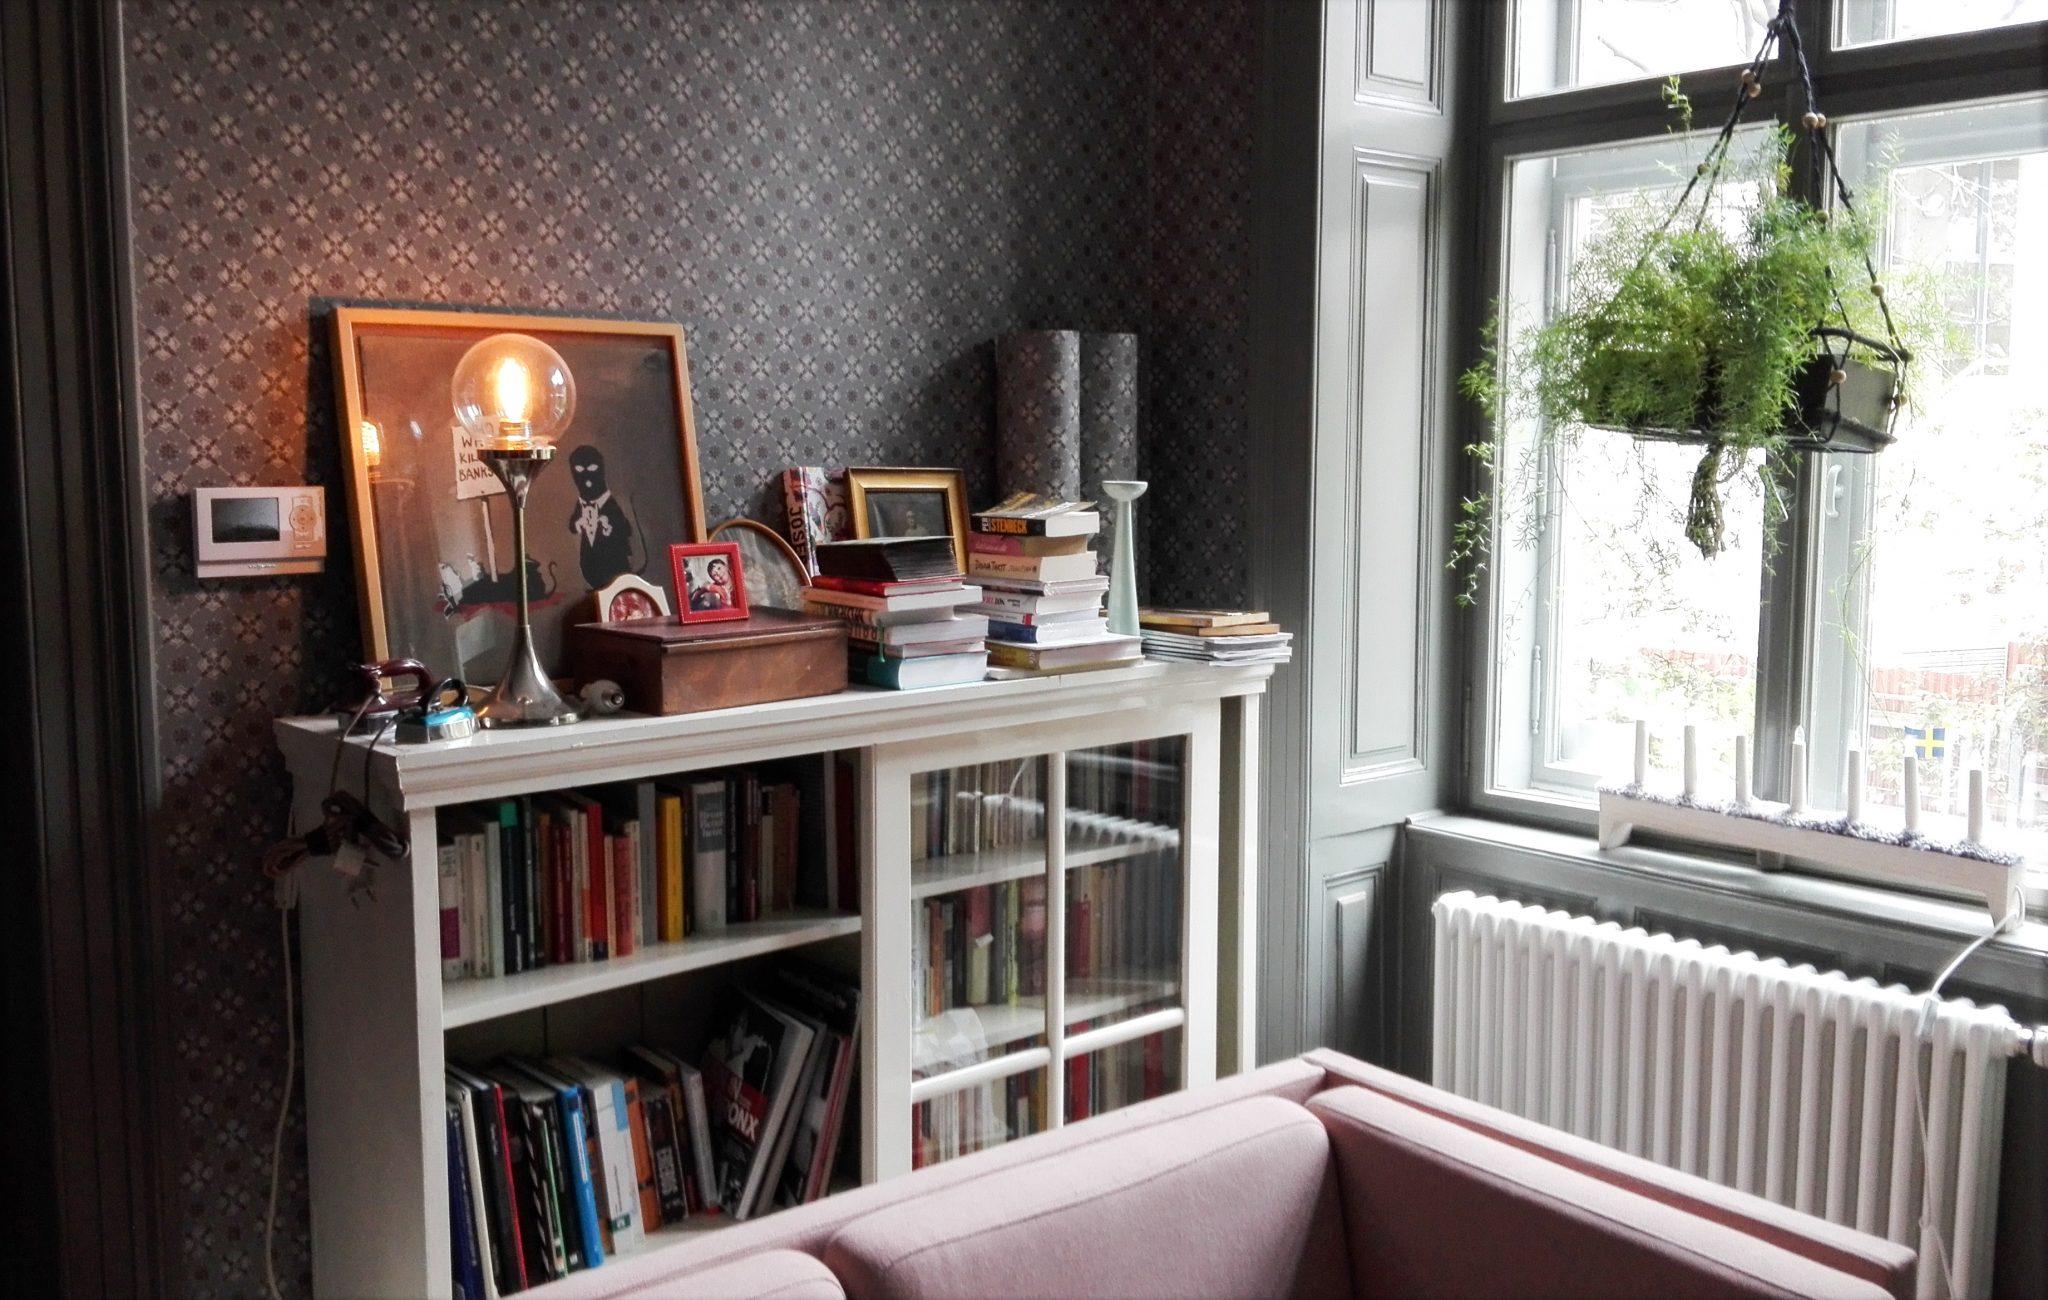 tapete familie rockt media. Black Bedroom Furniture Sets. Home Design Ideas